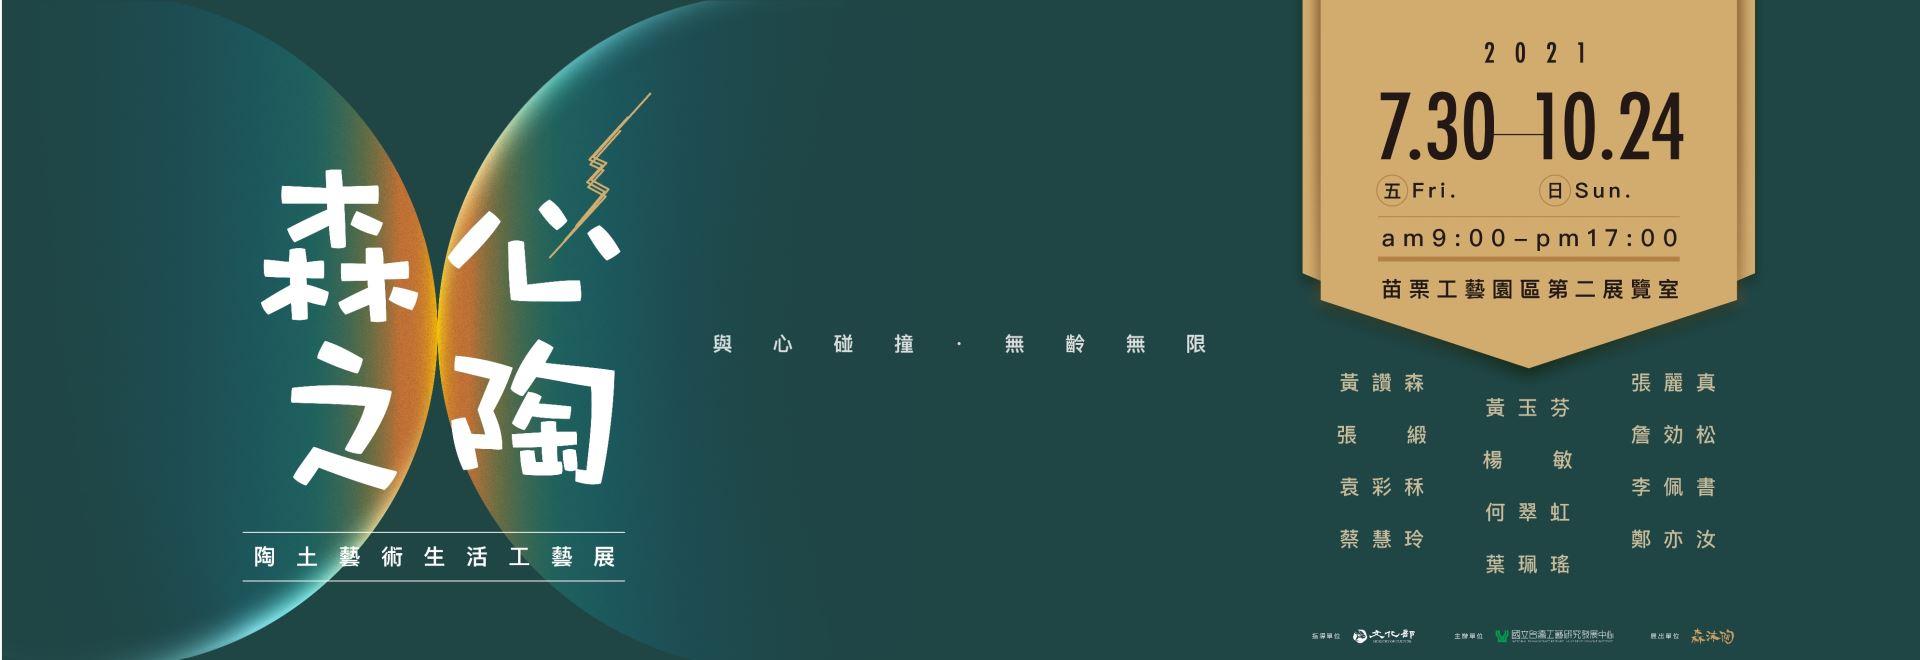 森心之陶-陶土藝術生活工藝展[另開新視窗]